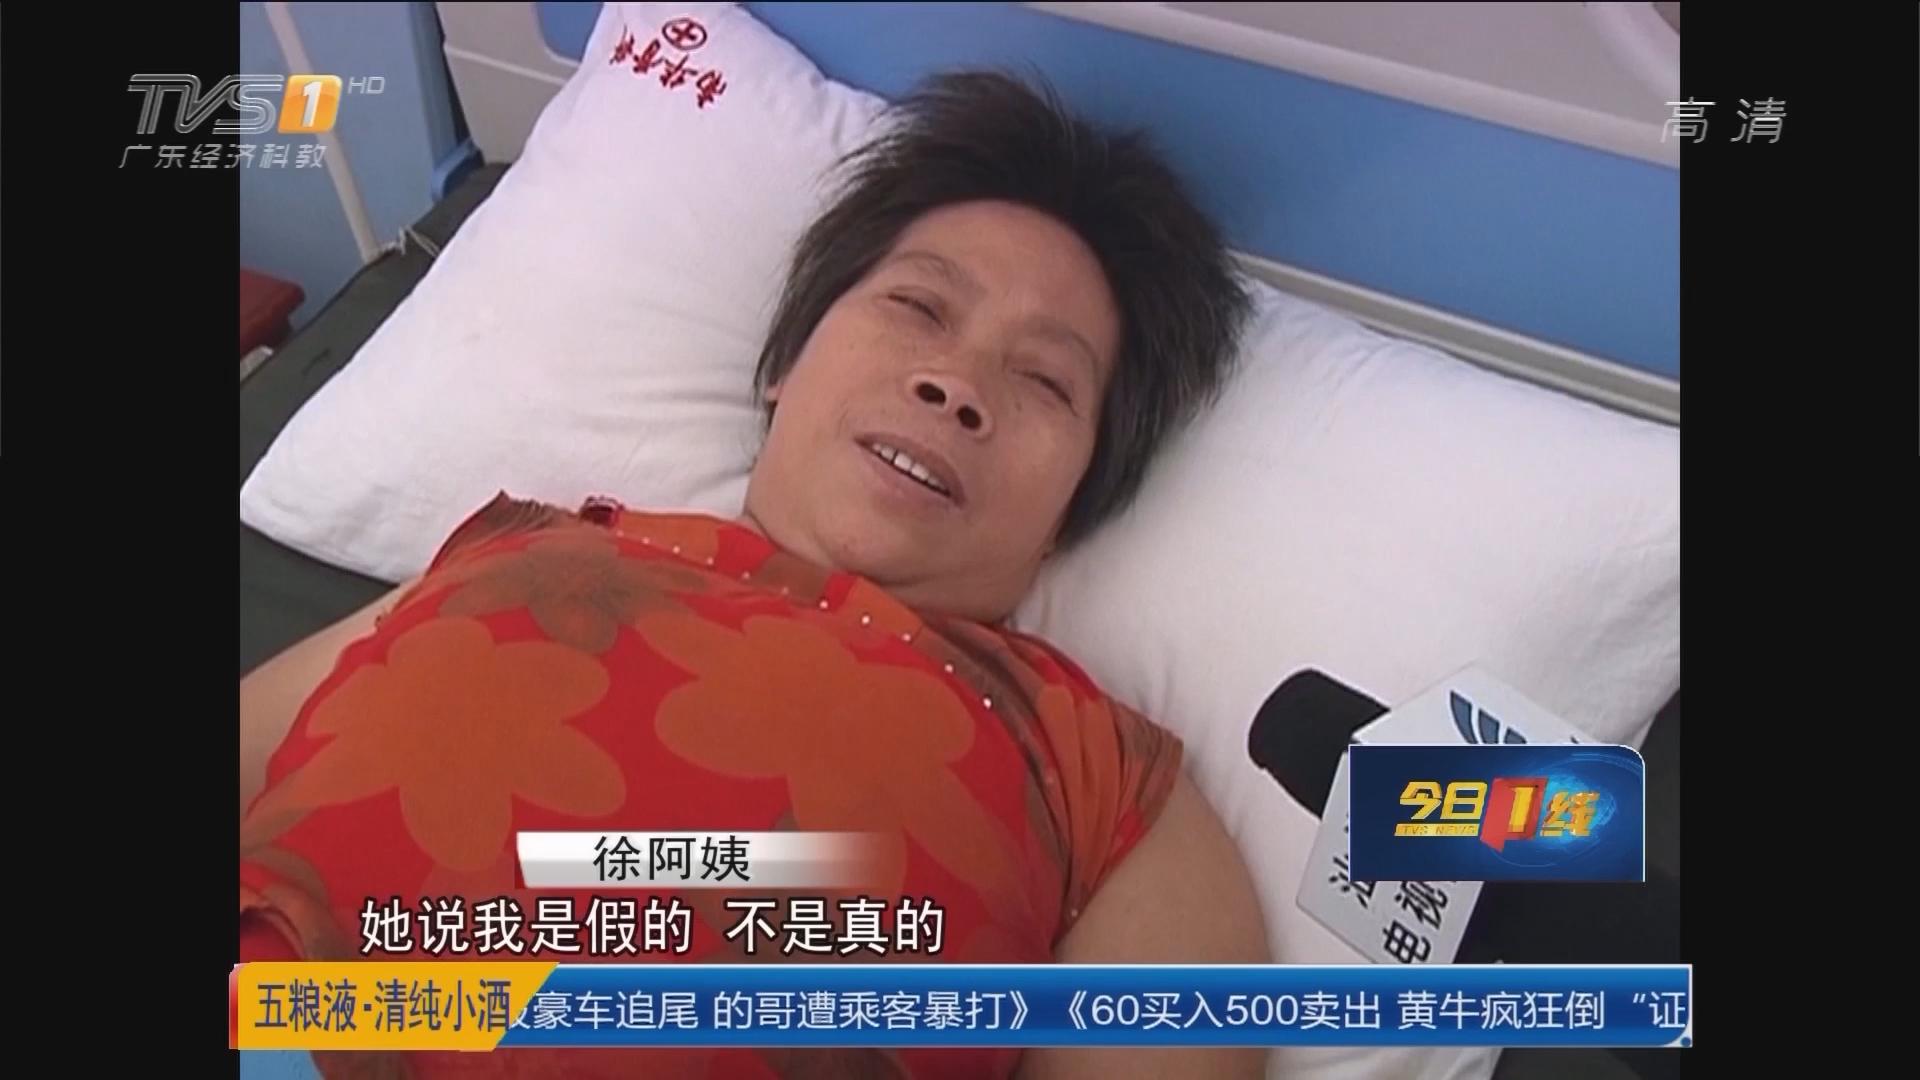 """汕头潮南:电动车撞倒阿姨 误以为是""""碰瓷"""""""